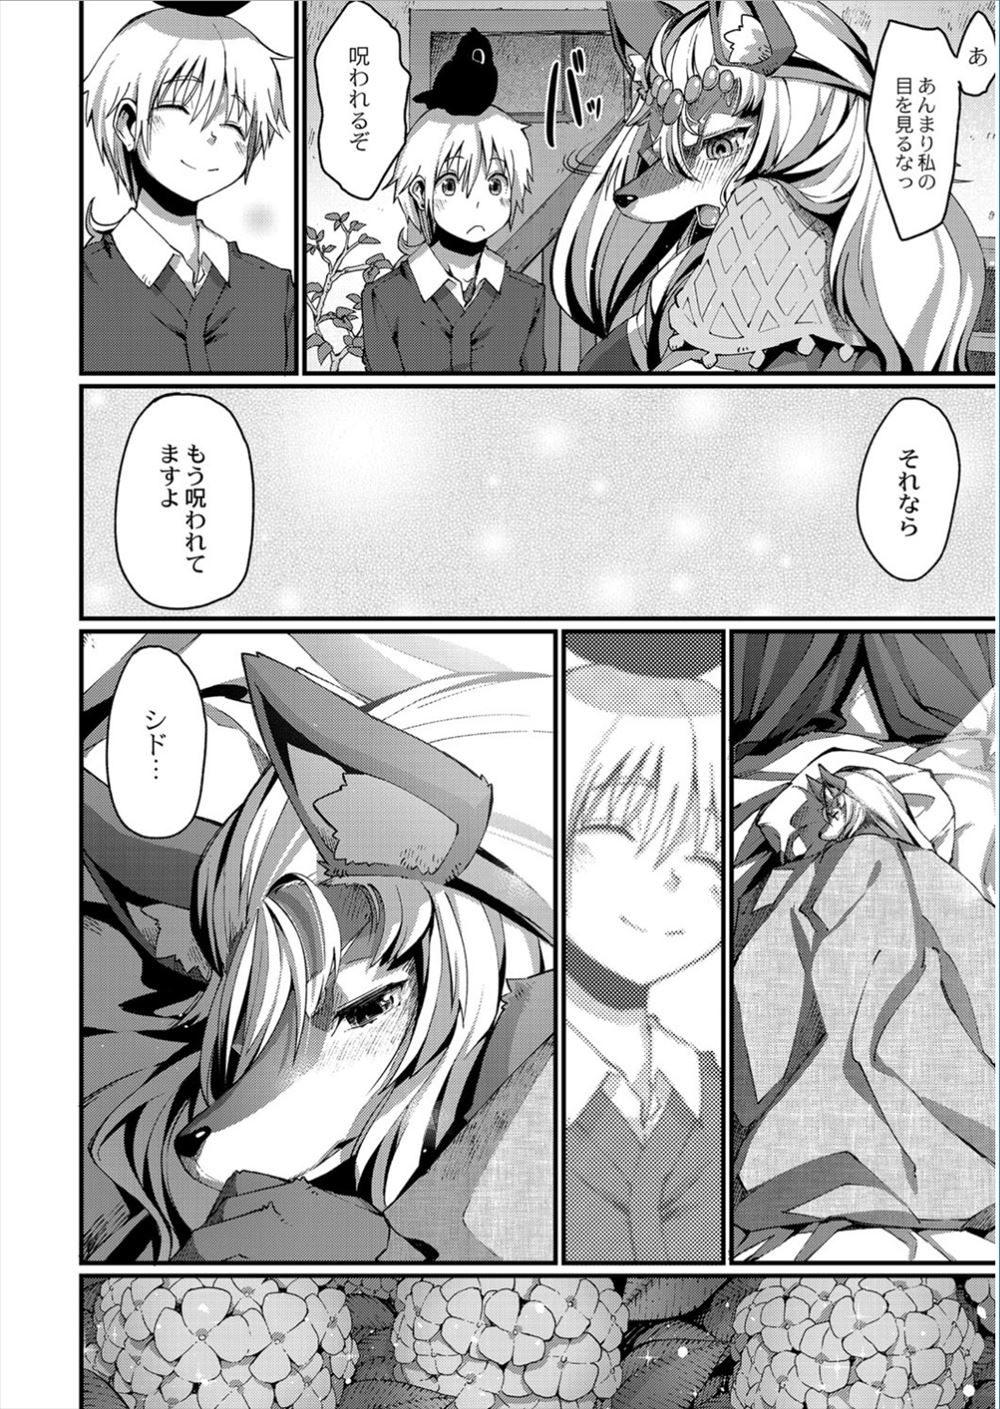 【エロ漫画同人誌】少年シドと獣女魔法使いのベルティアーノの甘く切ないストーリー。 016